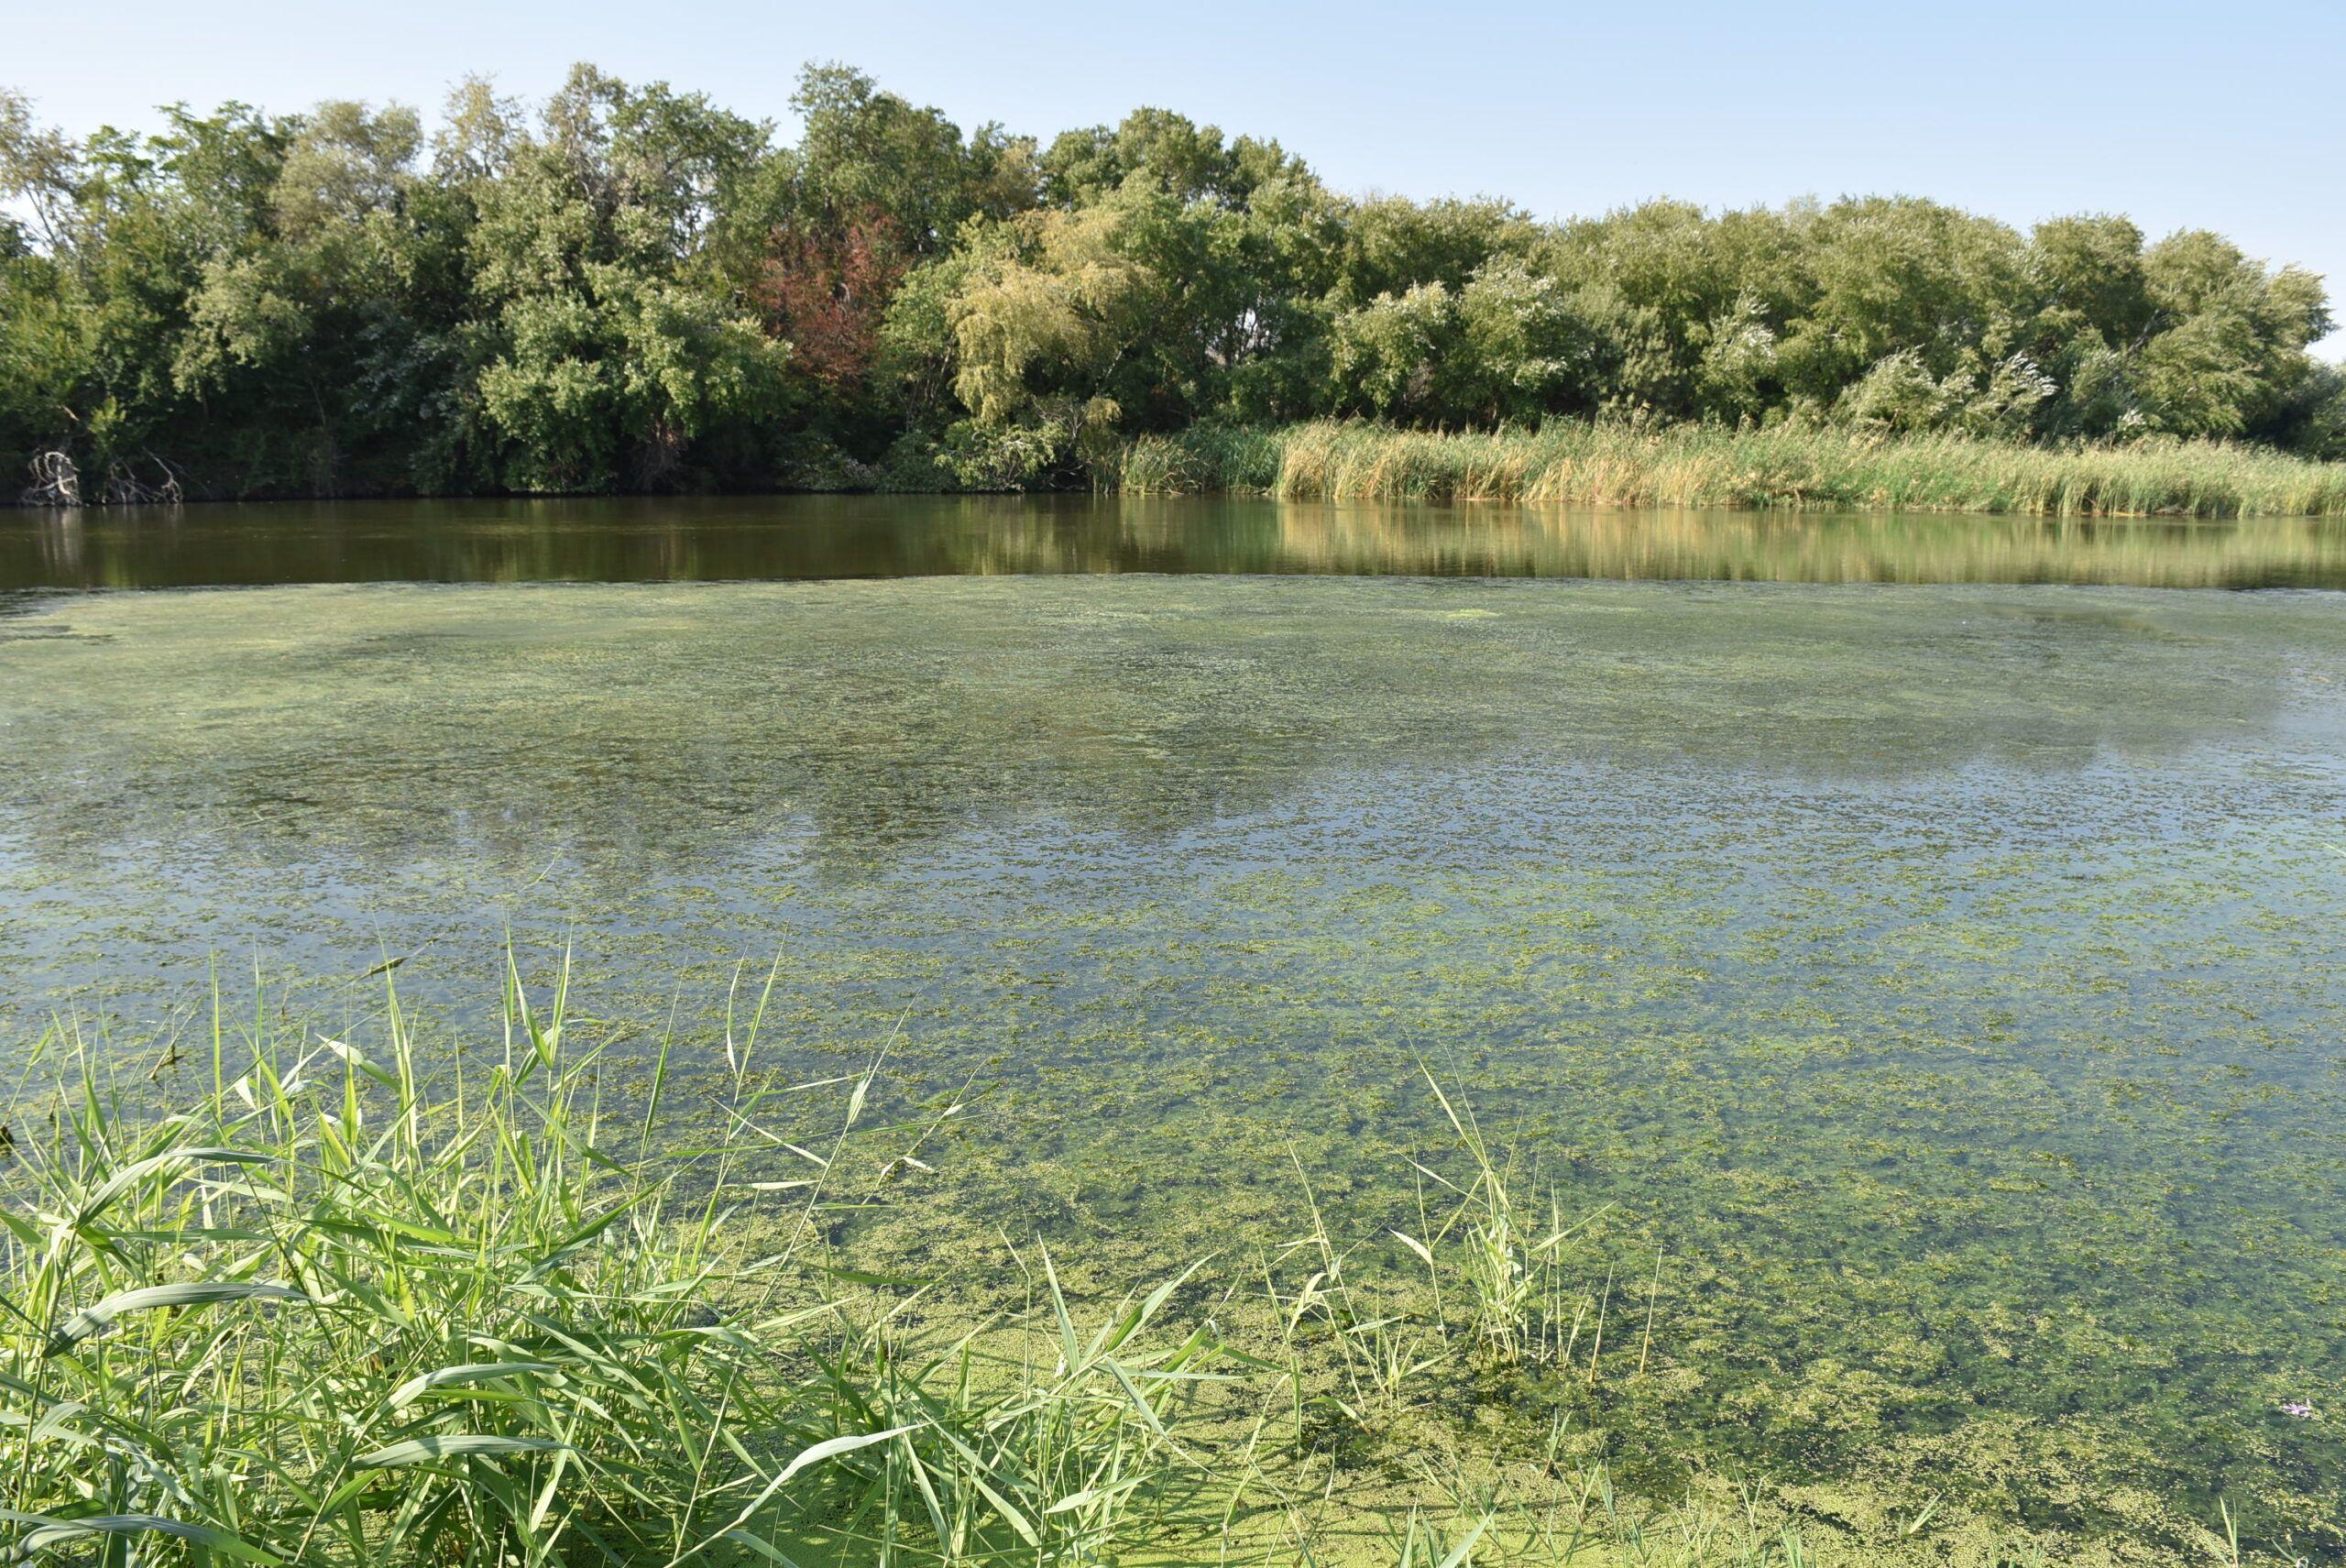 La Confederación Hidrográfica del Tajo pone en marcha su programa de educación ambiental en el curso 2020-2021